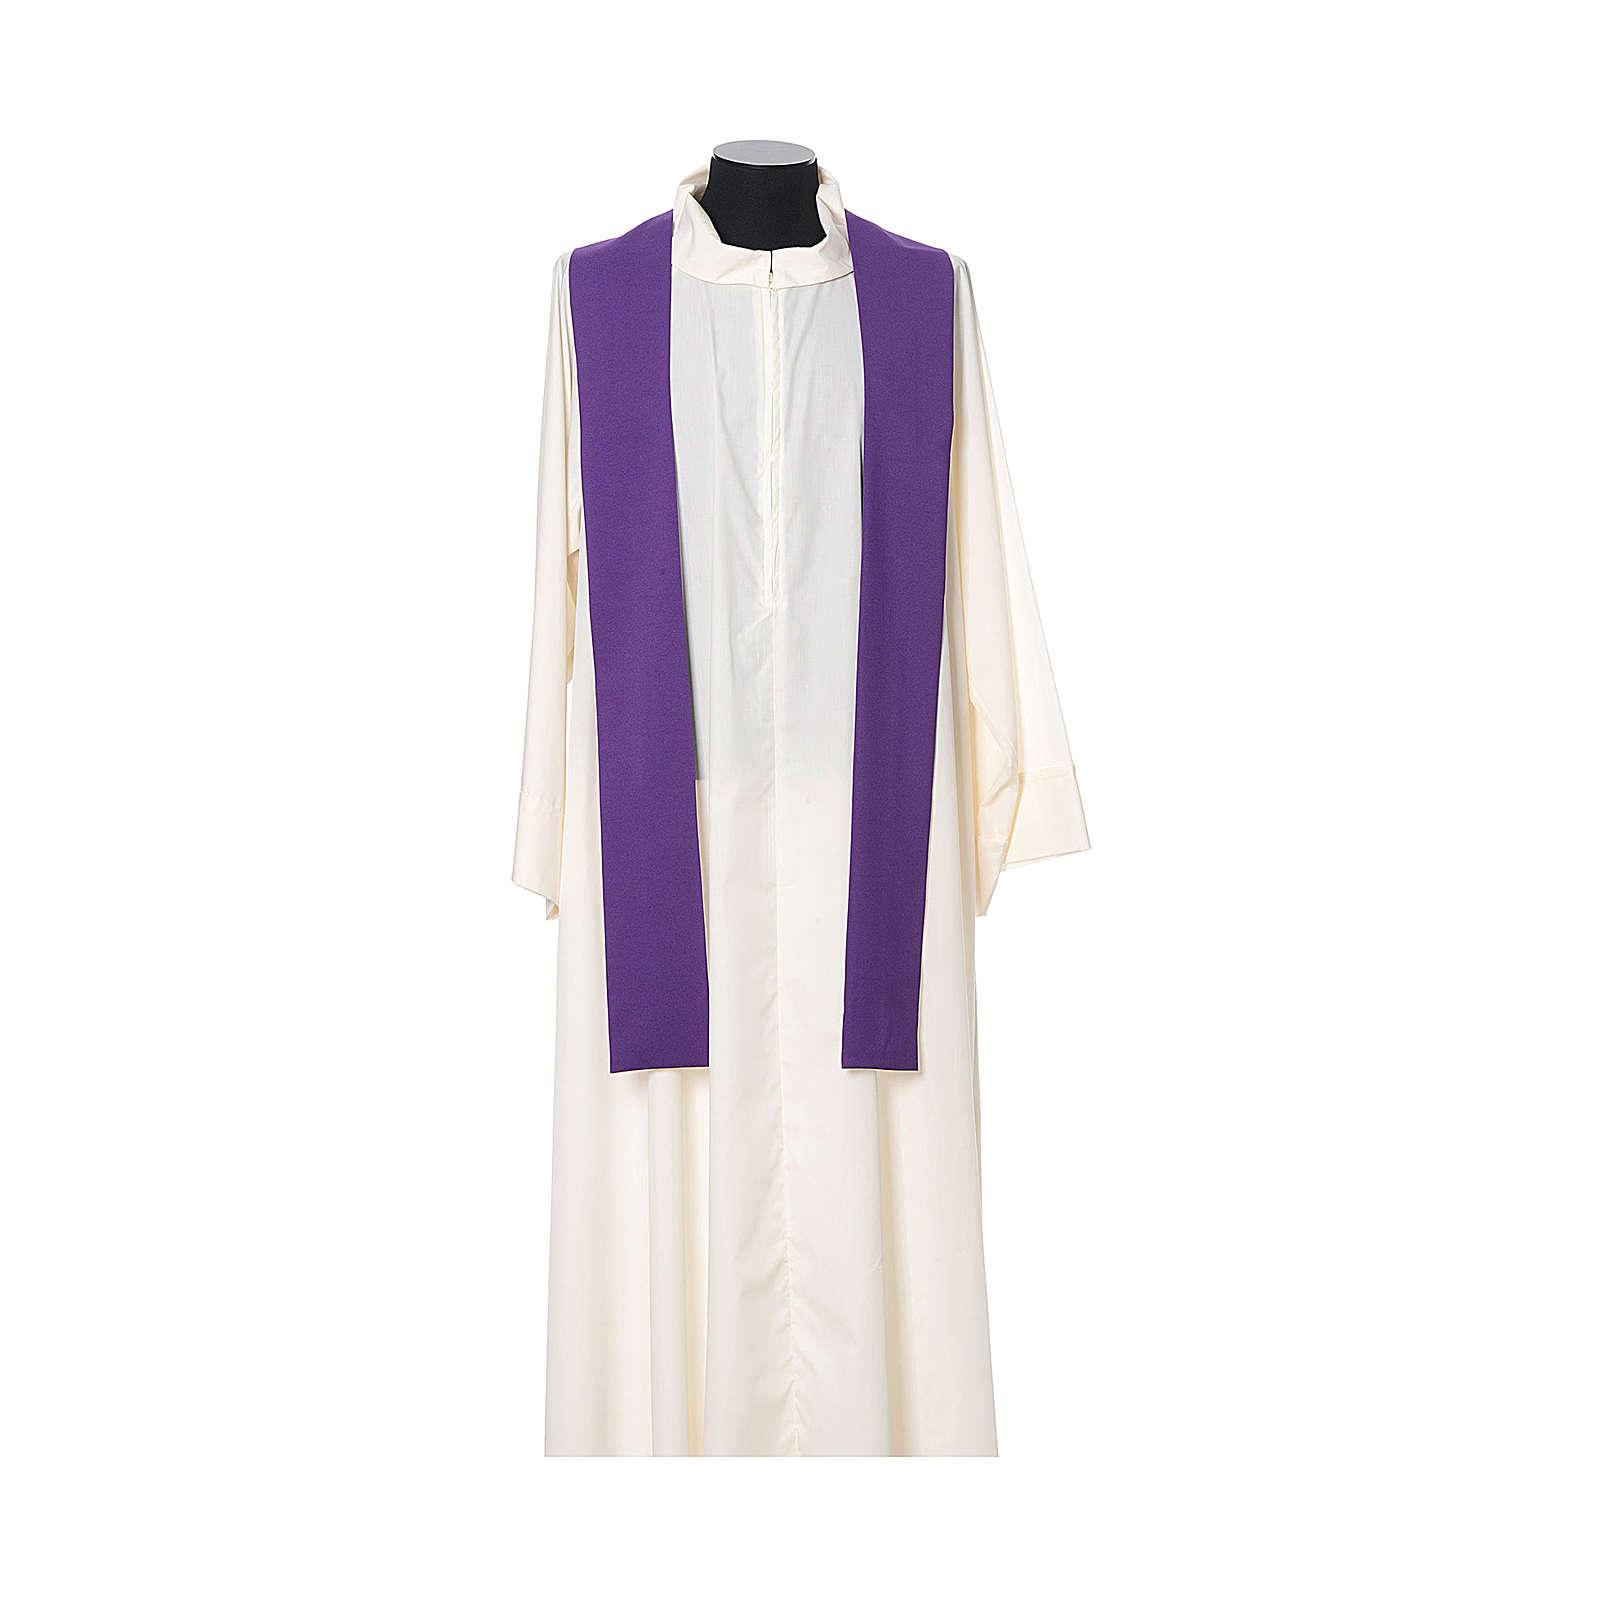 Casula bordado cruz flor ambos lados tecido Vatican 100% poliéster 4